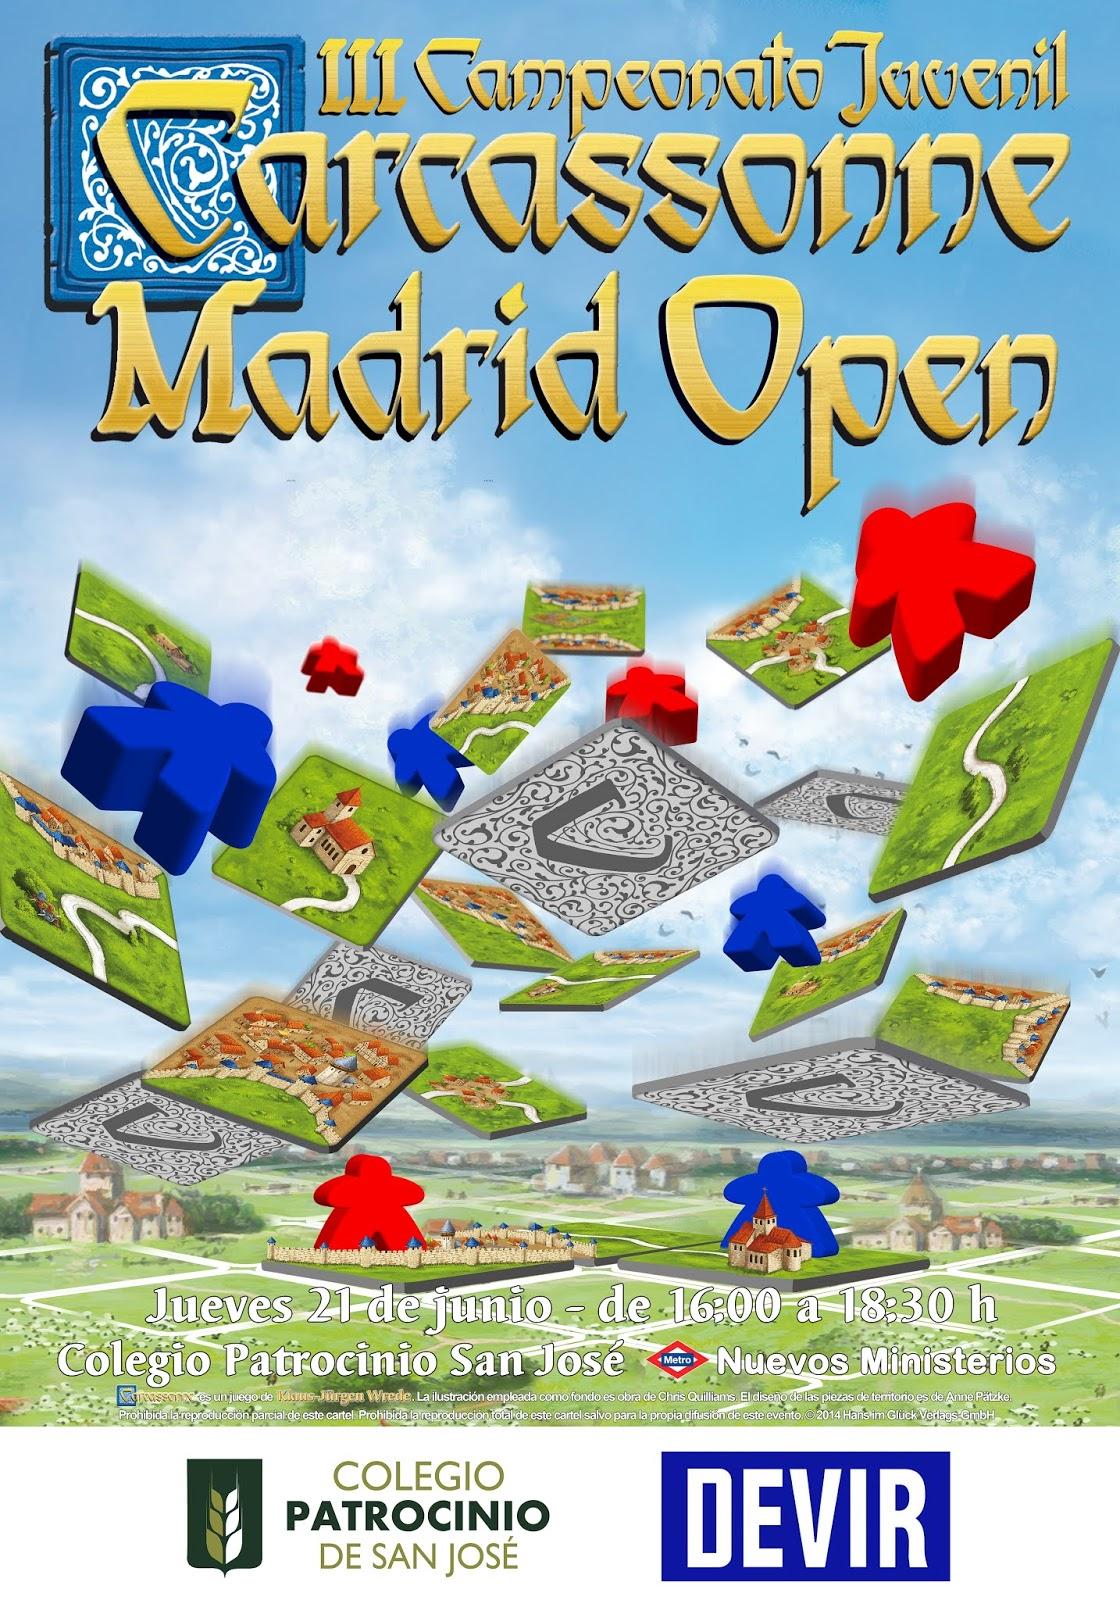 Juegos De Mesa Psj Iii Campeonato Juvenil De Carcassonne Madrid Open